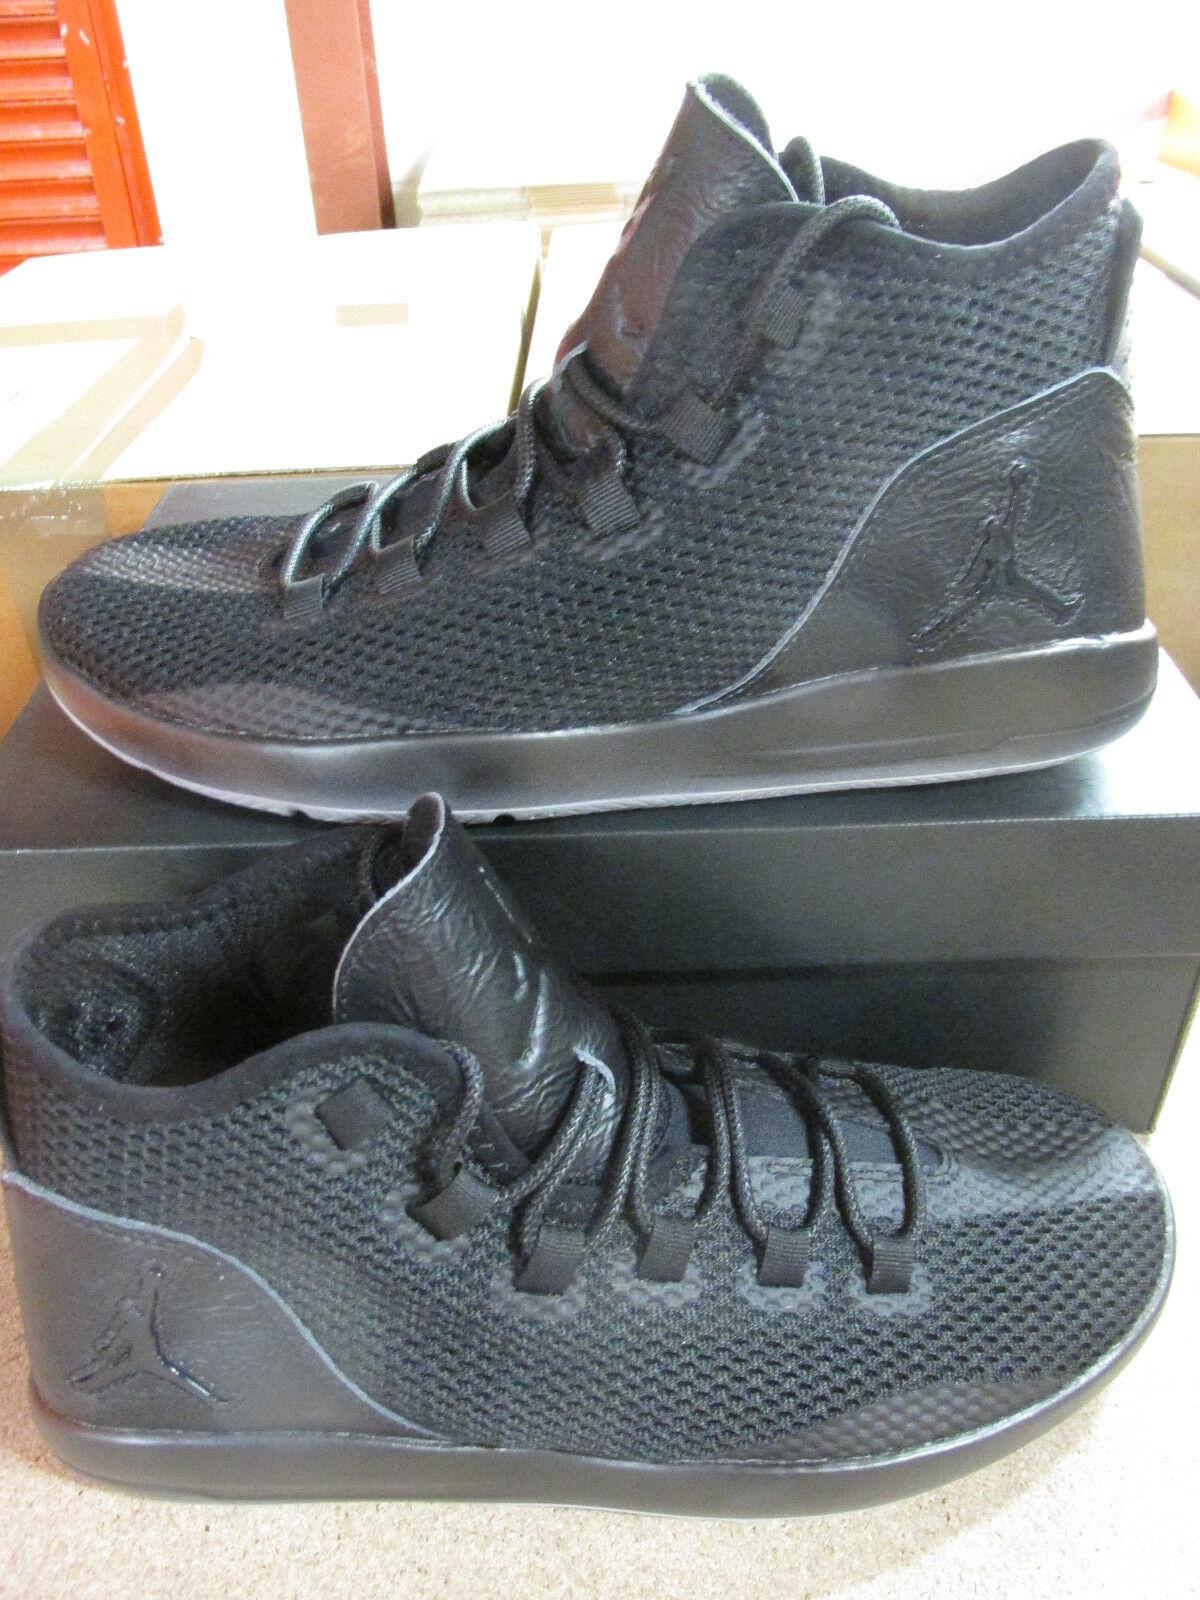 Nike Air Jordan Reveal Prem Mens Hi Top Basketball Trainers 834229 010 Sneakers